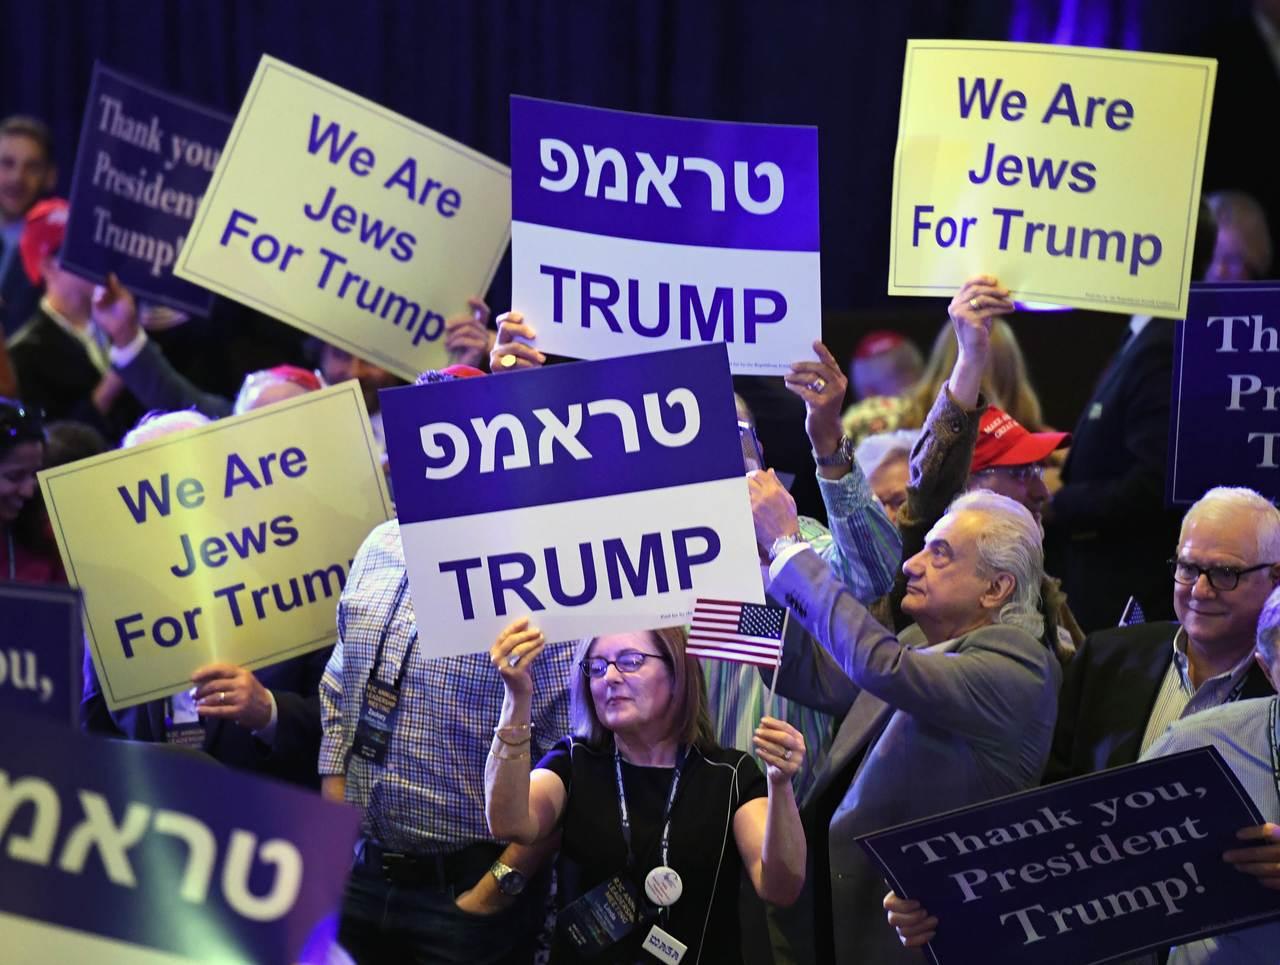 川普赴賭城出席共和黨猶太人年會,受到熱烈支持。 法新社